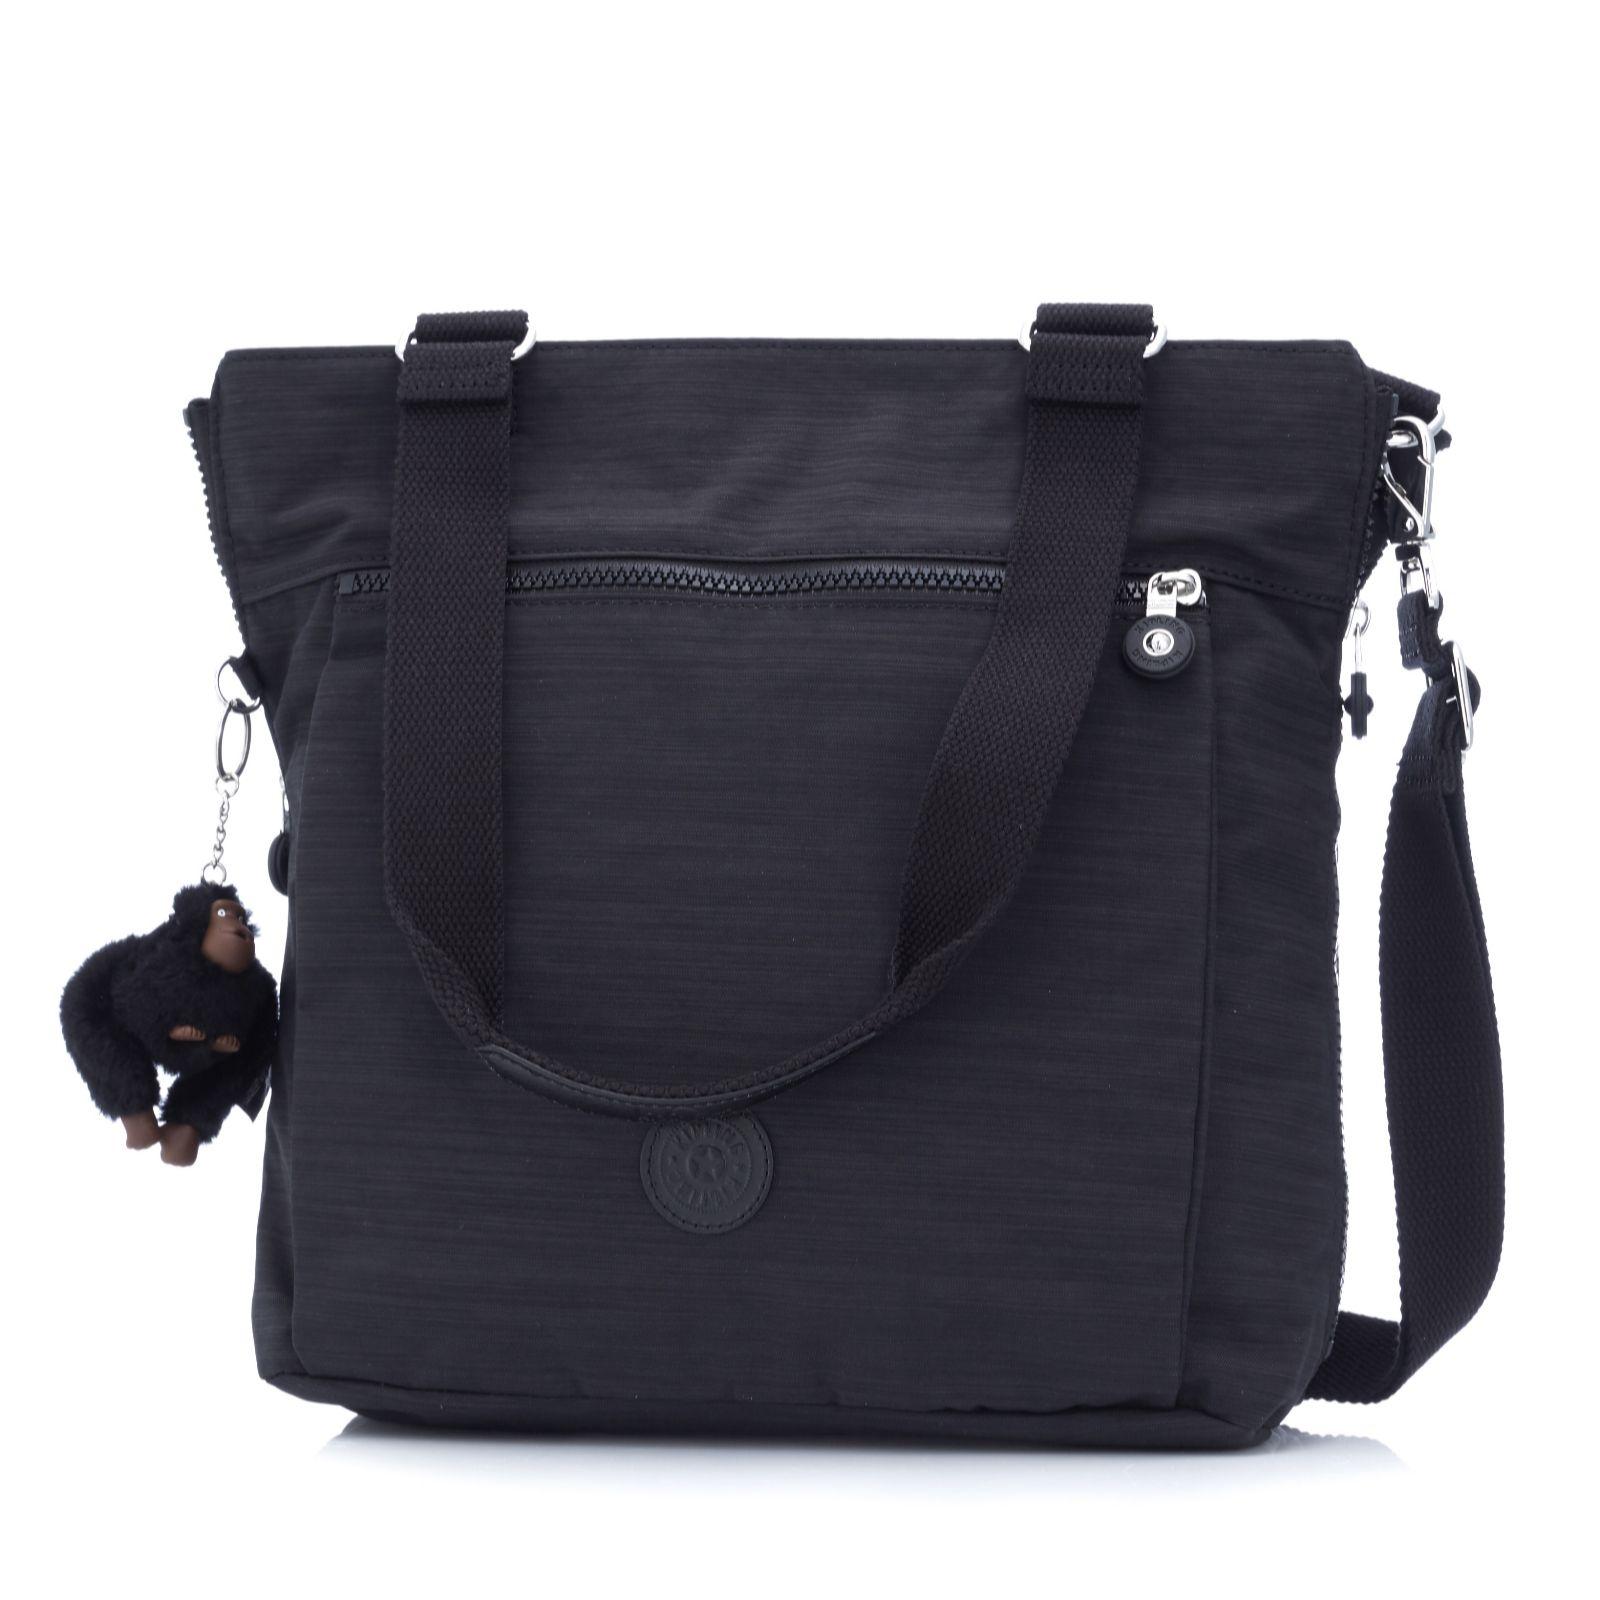 Kipling Donover Premium Medium Zip Top Crossbody Bag